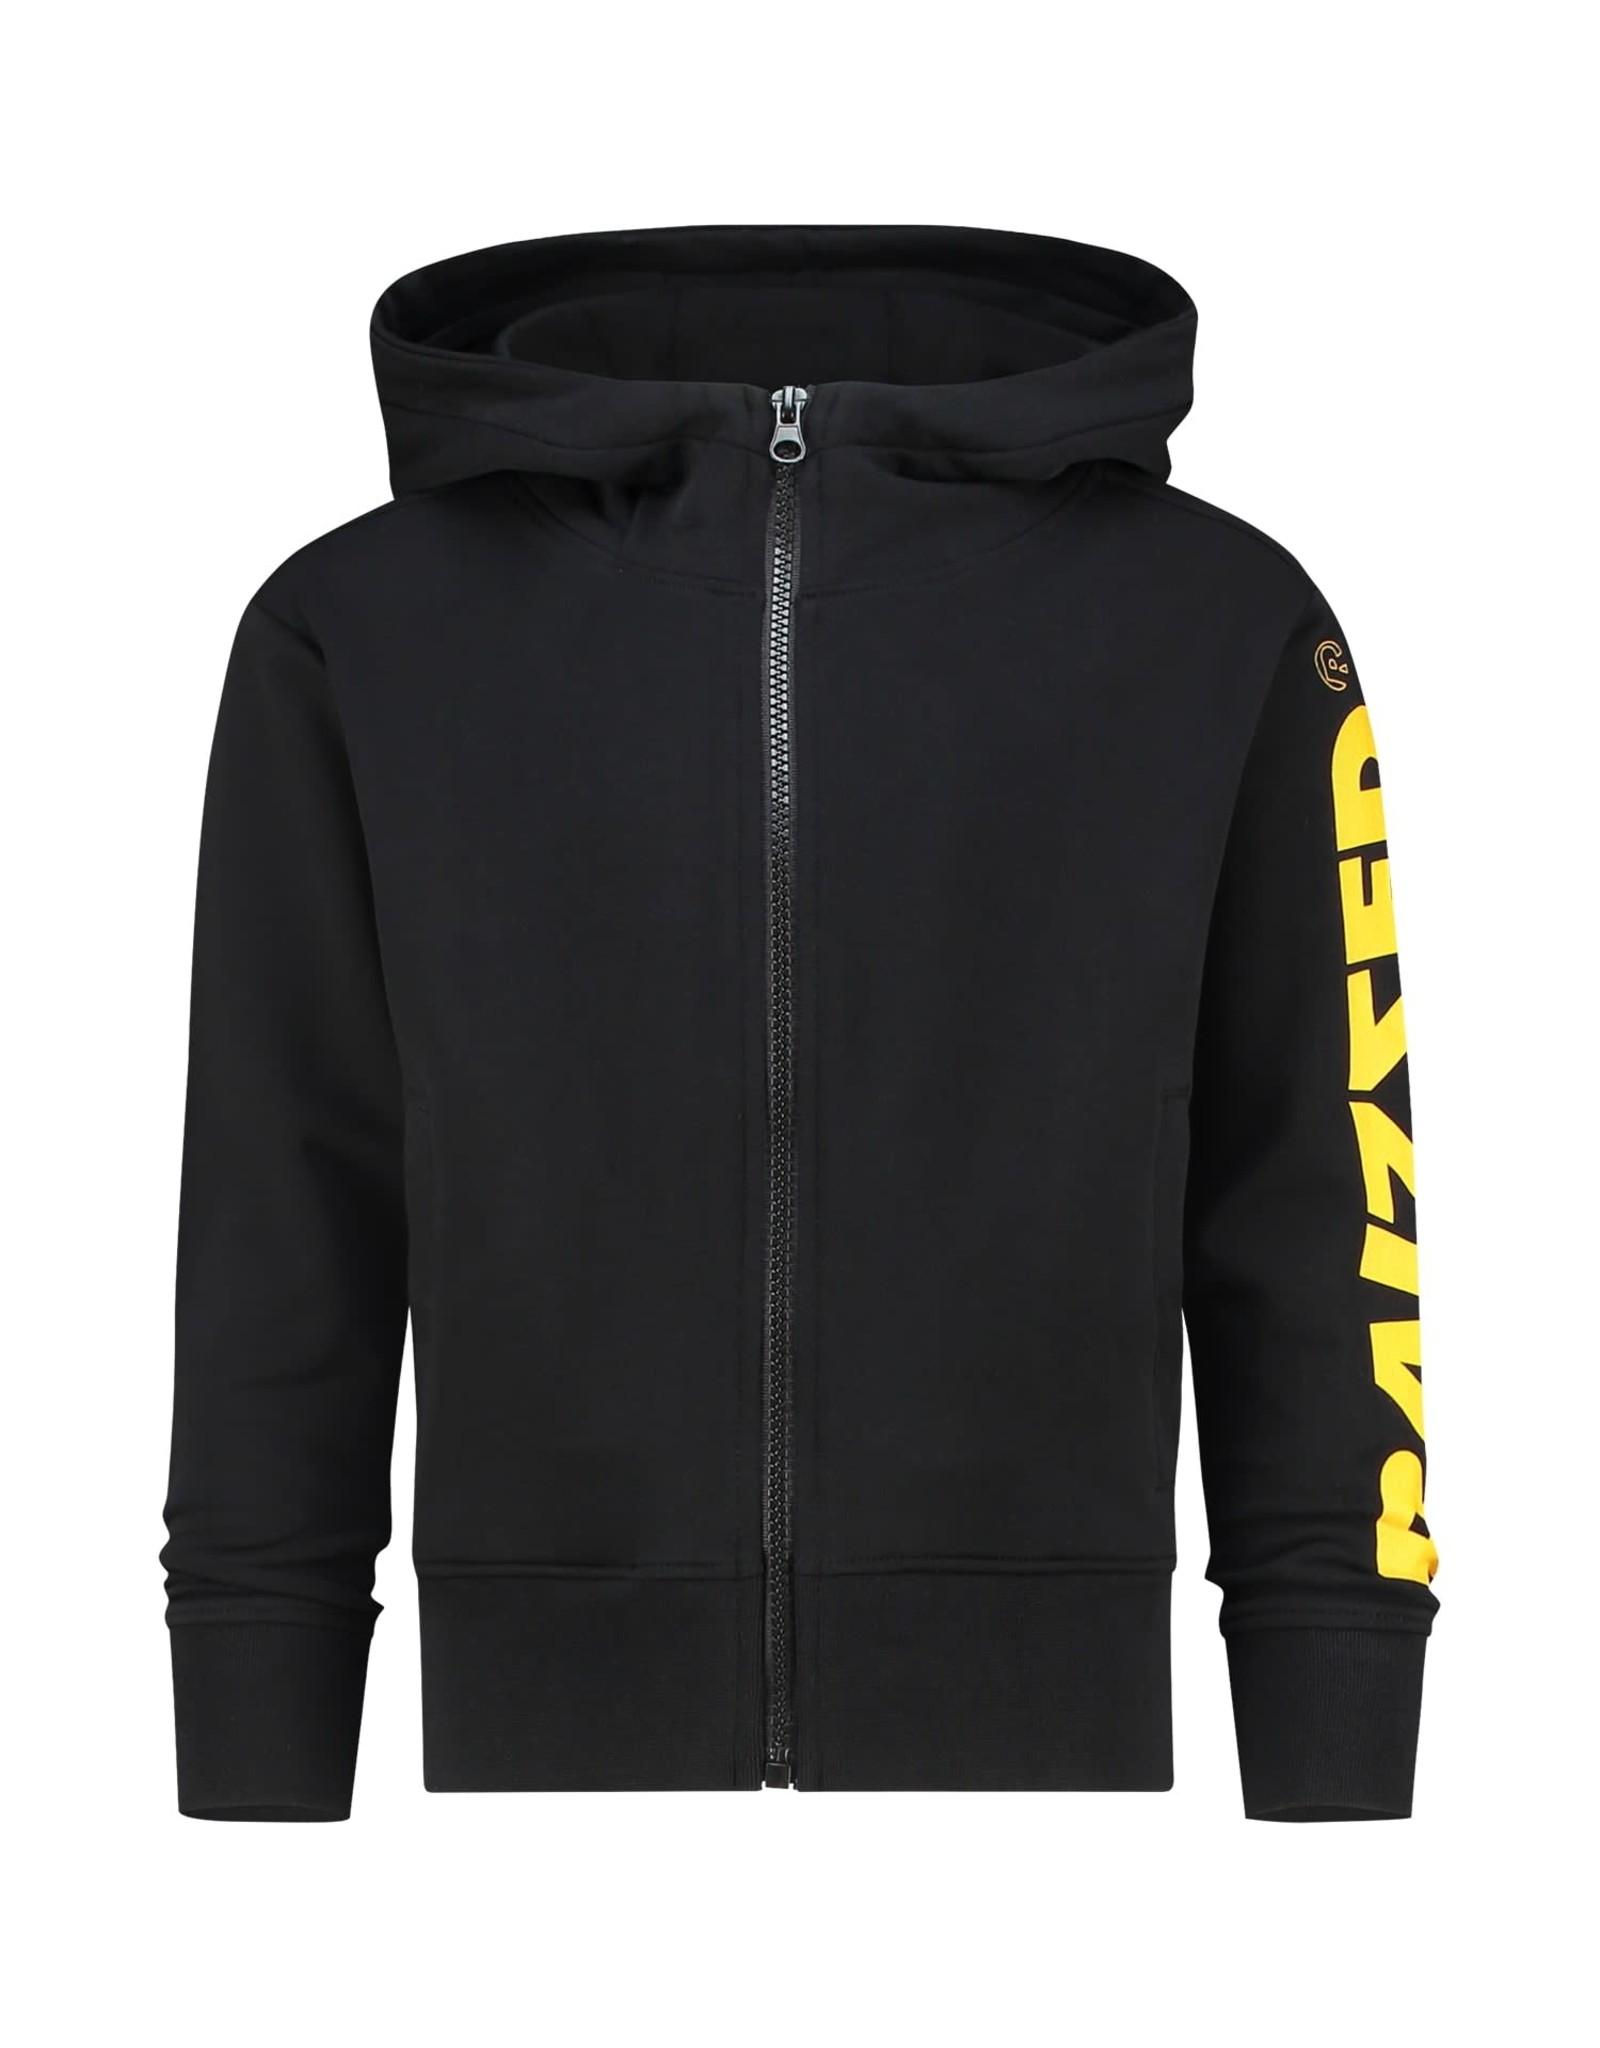 Raizzed Raizzed meiden vest Tofino Deep Black S21